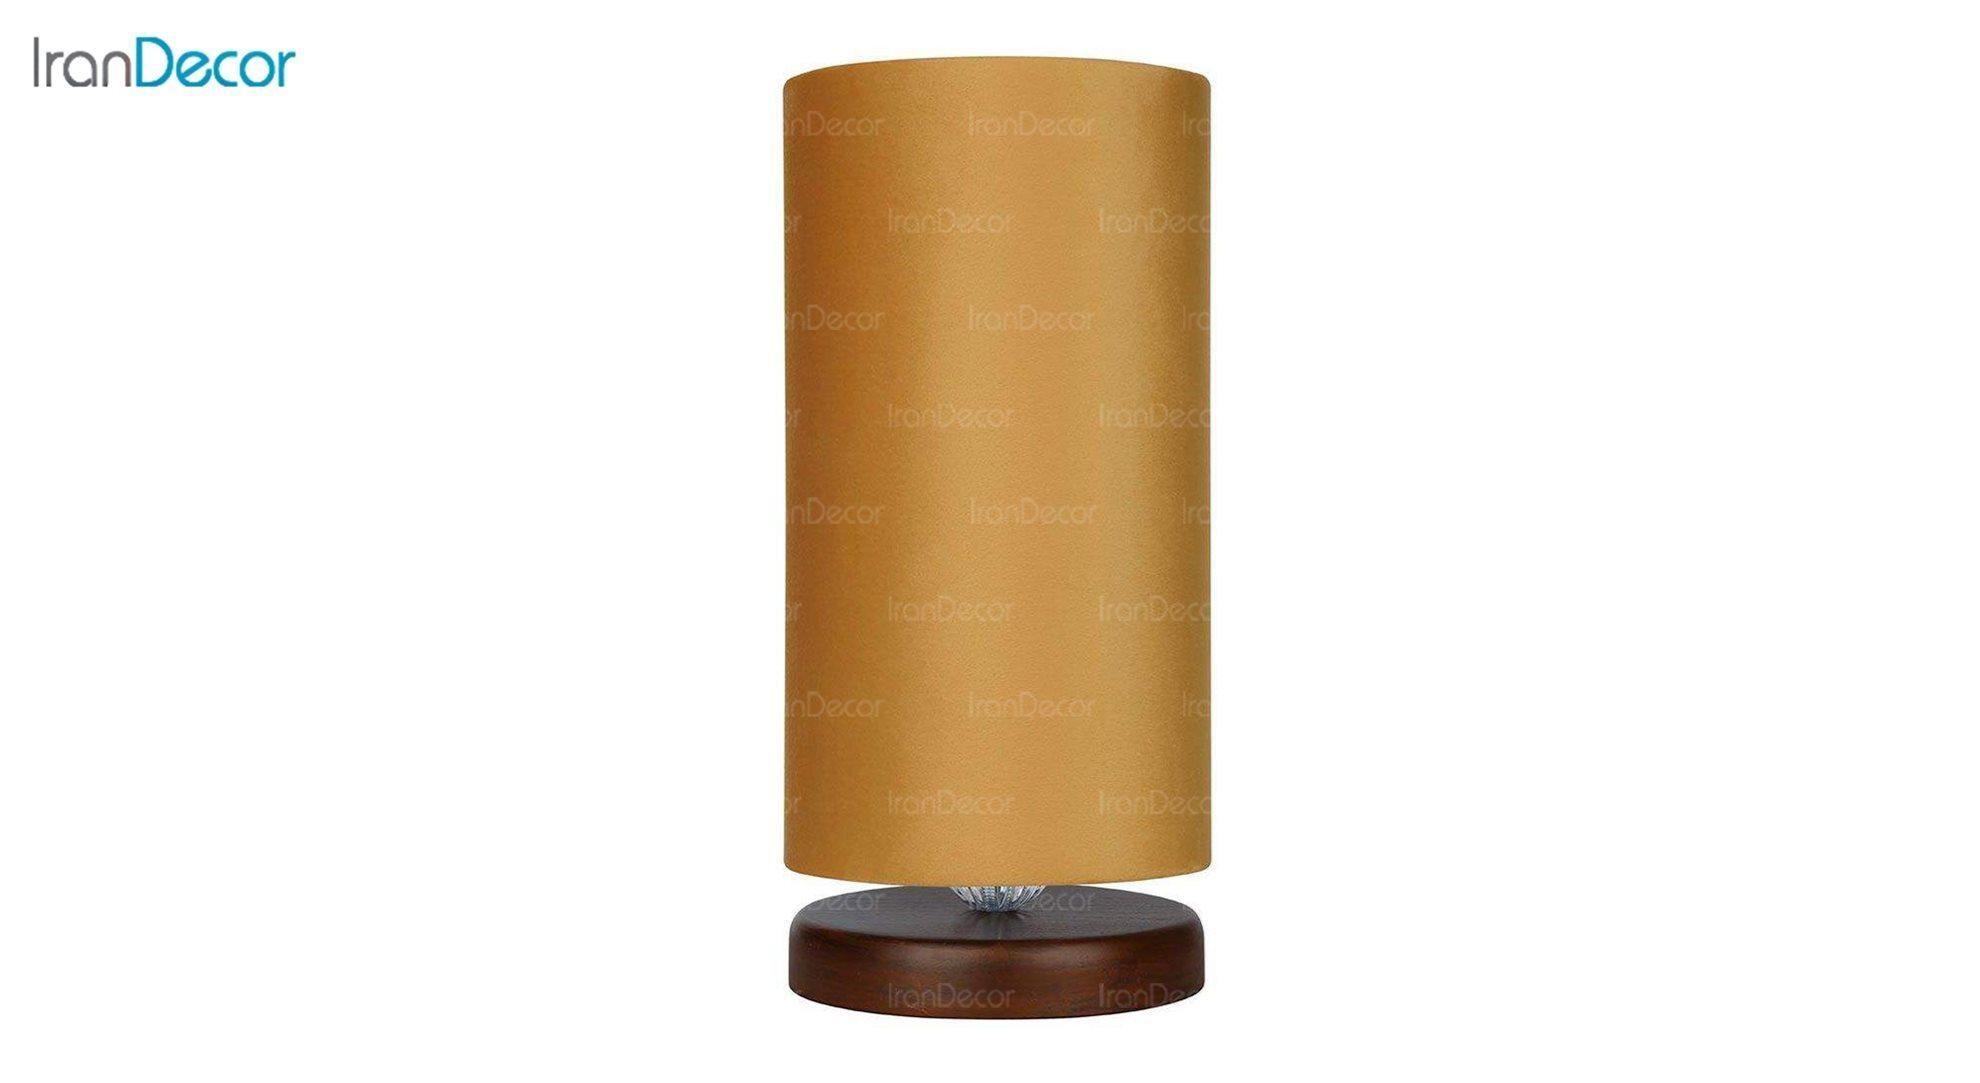 آباژور رومیزی چوبی مدل آرام MT7018/03 خردلی